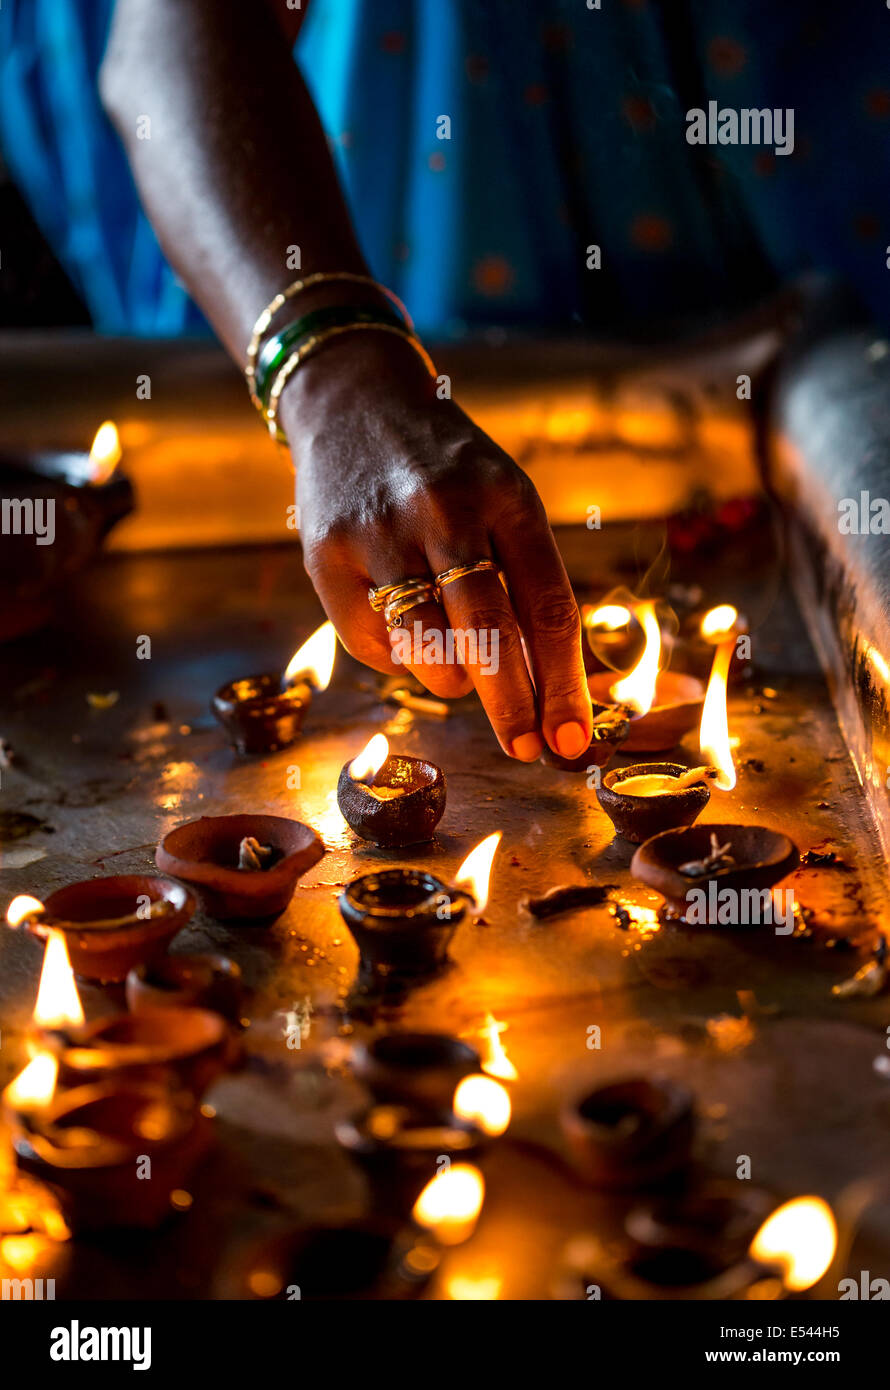 Bougies allumées dans le temple indien. Diwali - la fête des lumières. Photo Stock